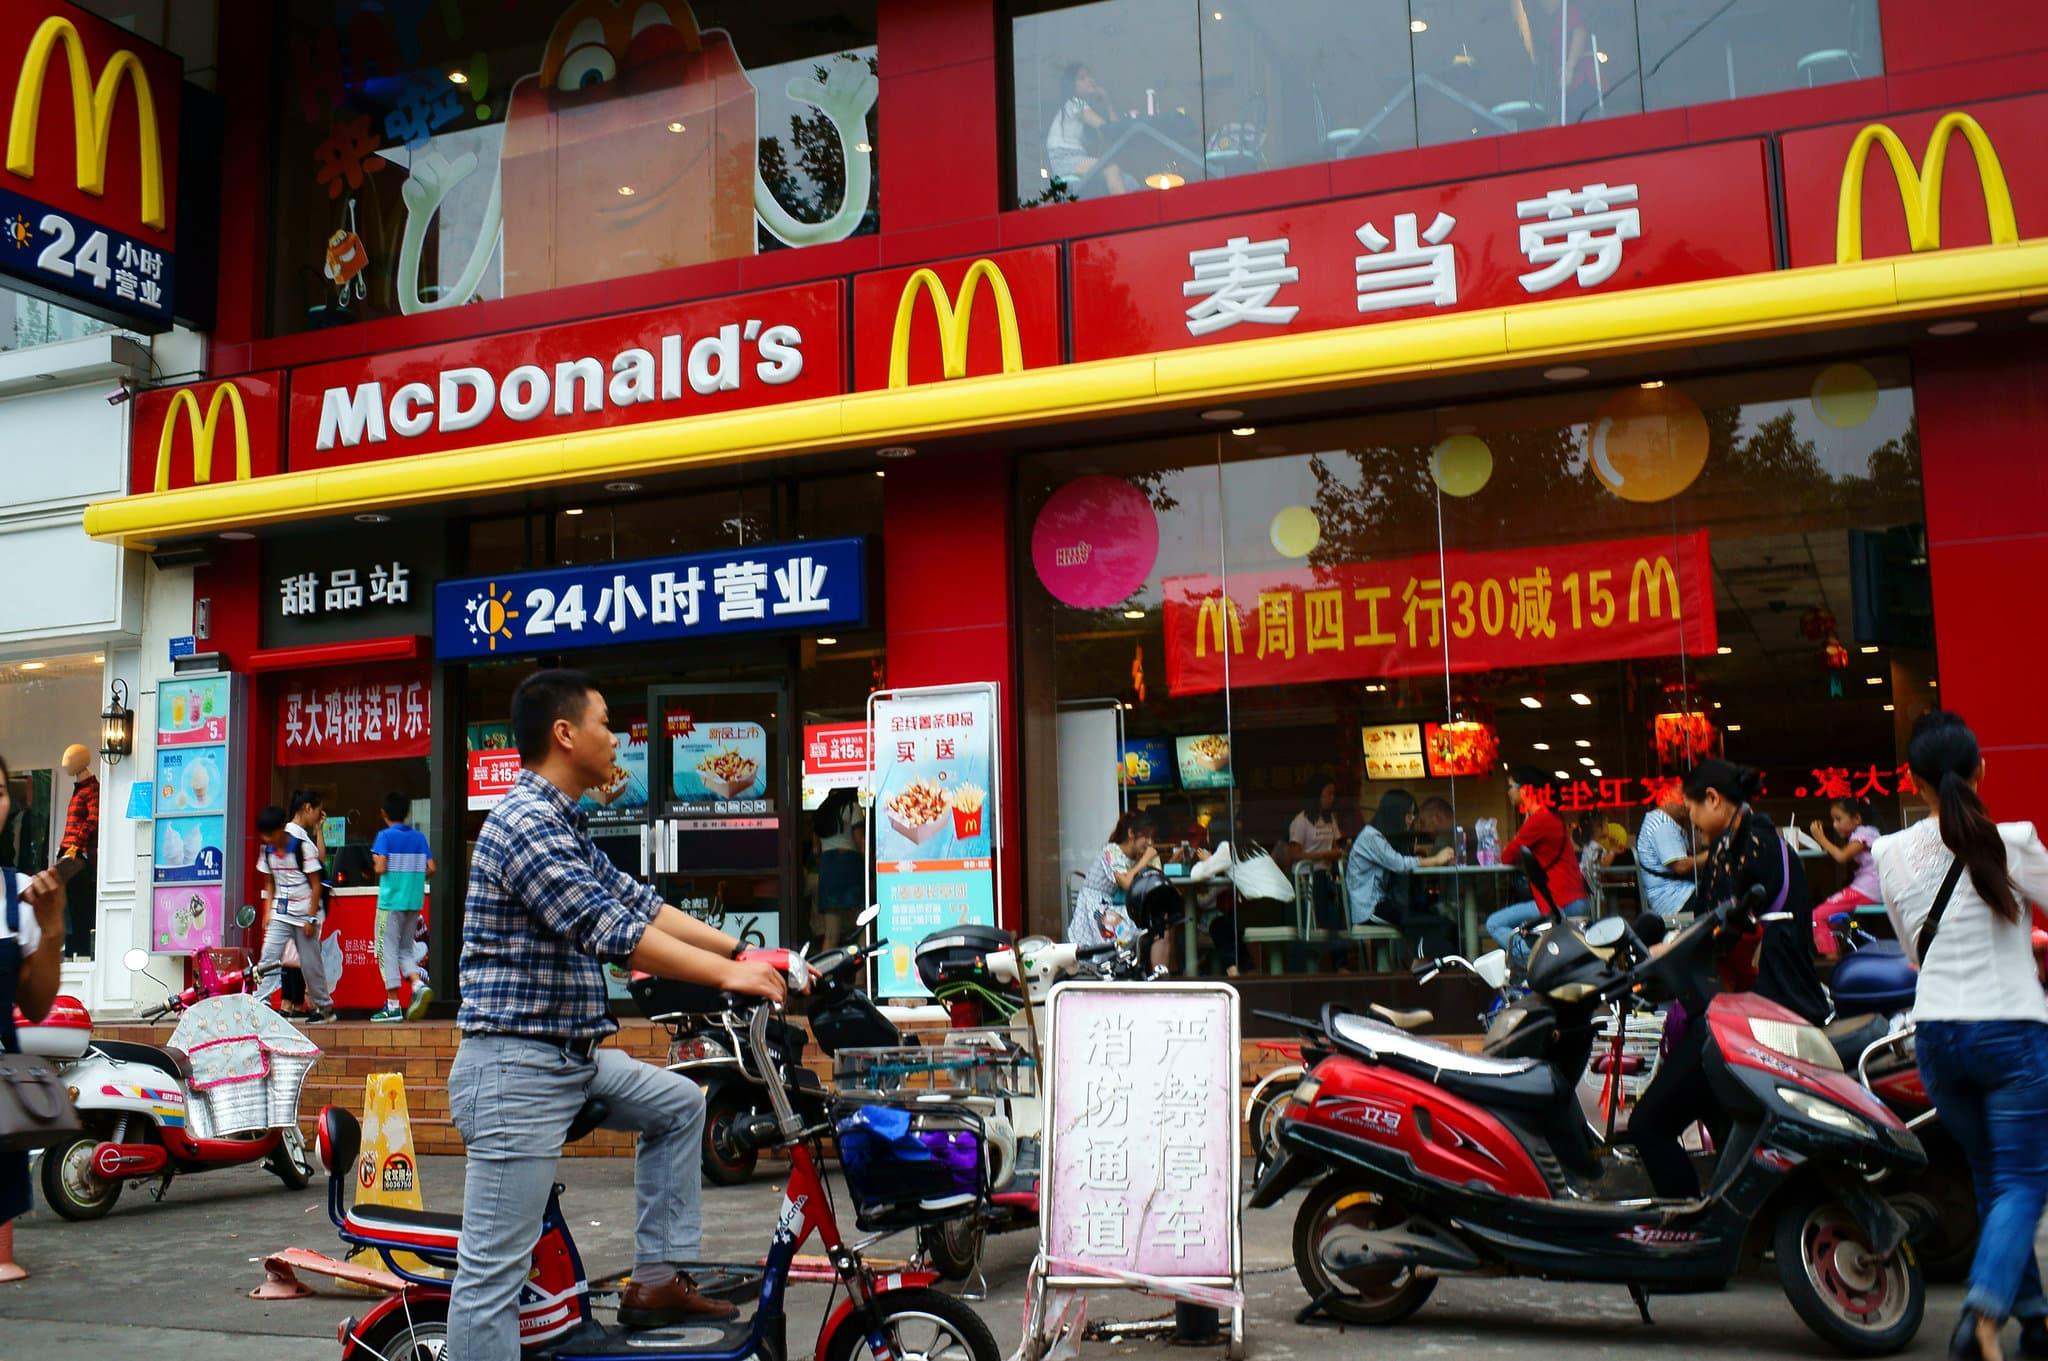 ünlü fast food yıldızı mcdonald's china 31.yıldönümünü nft i̇le kutladı! 26